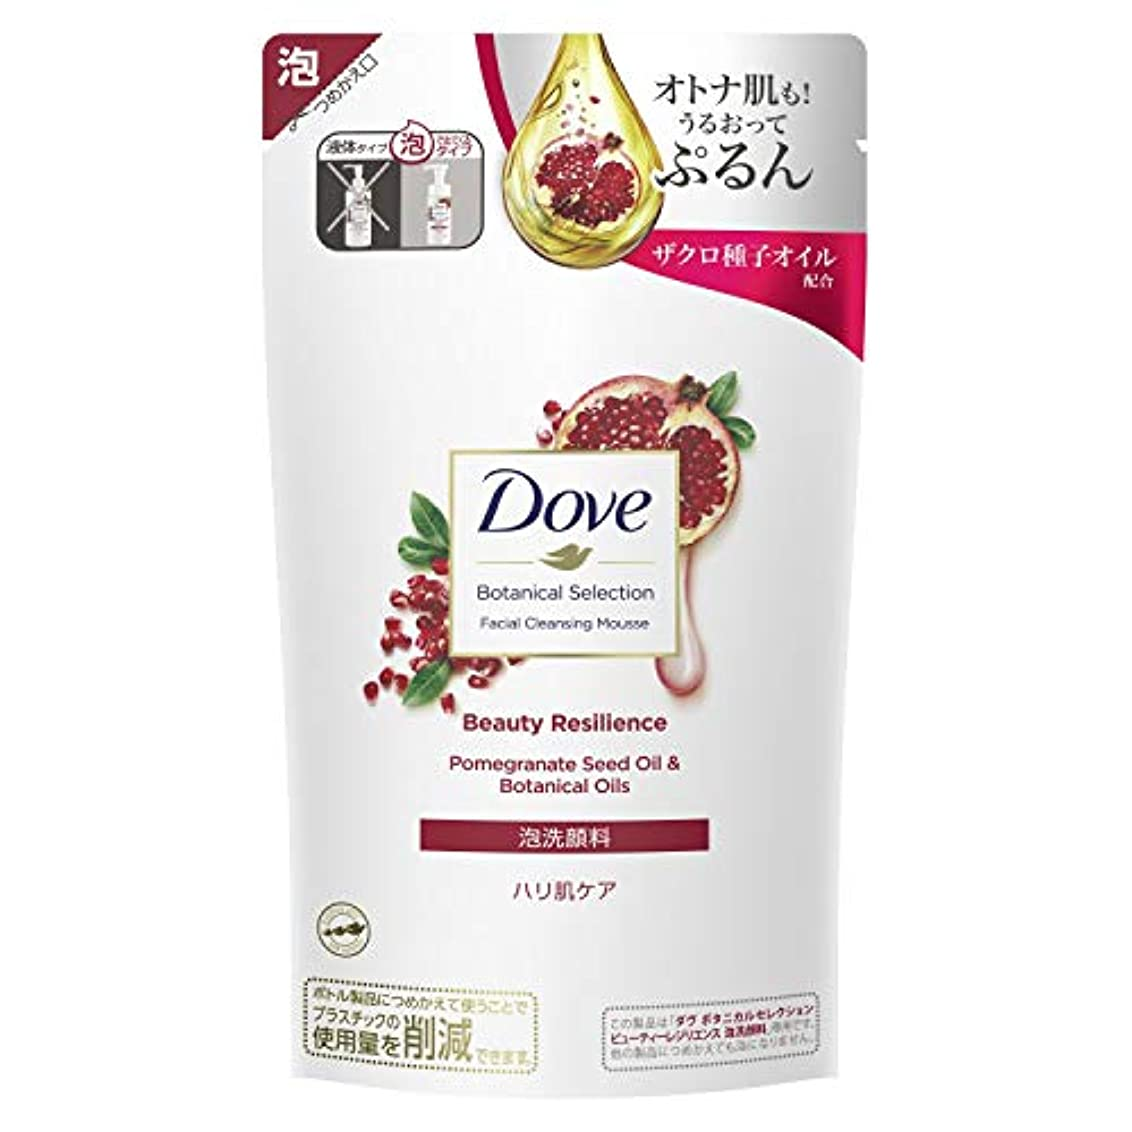 明確に裁定乱用Dove(ダヴ) ダヴ ボタニカルセレクション ビューティーレジリエンス 泡洗顔料 つめかえ用 135mL